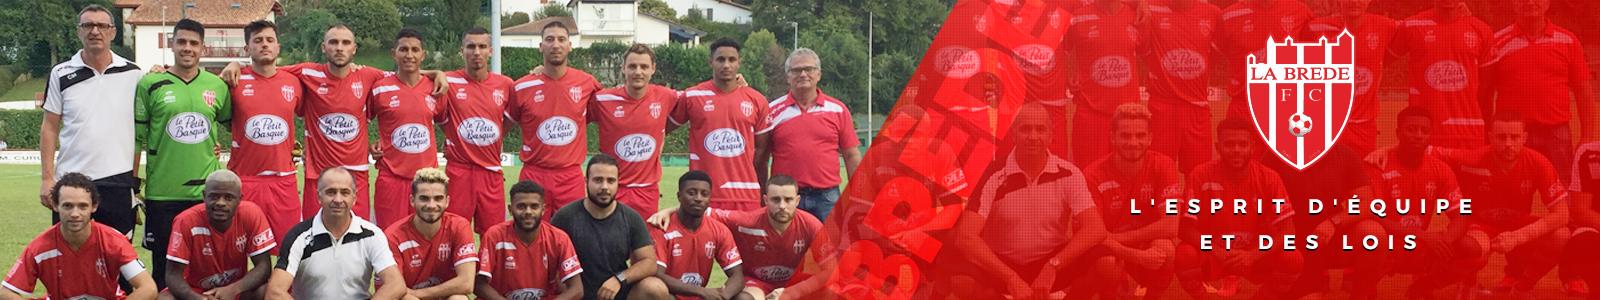 LA BREDE FOOTBALL CLUB : site officiel du club de foot de LA BREDE - footeo